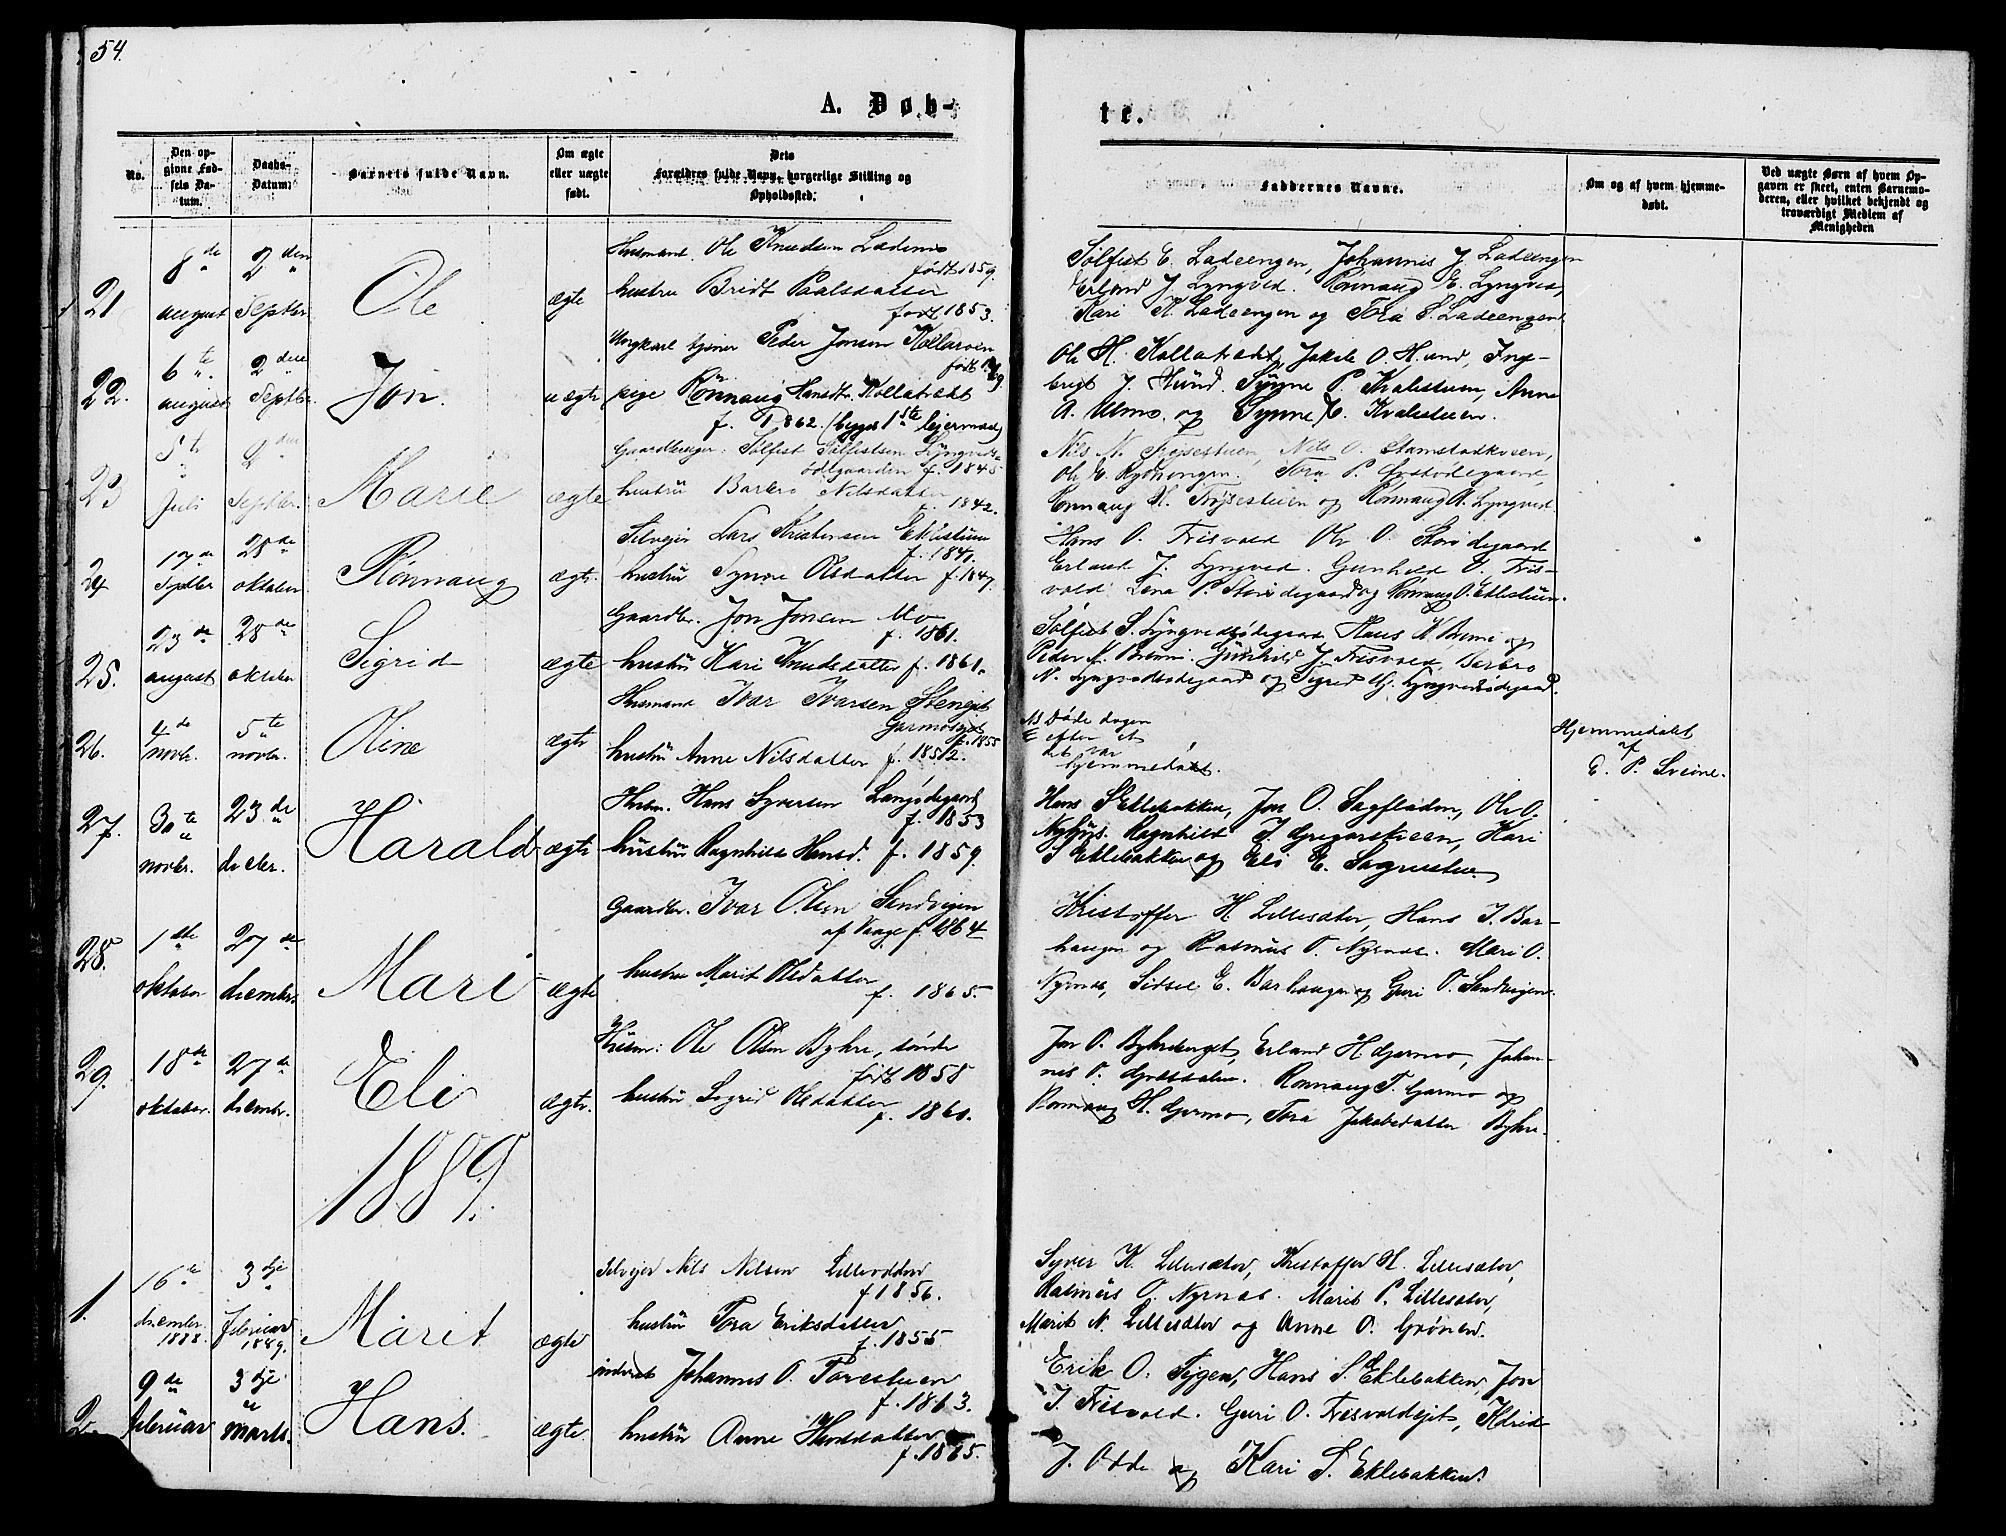 SAH, Lom prestekontor, L/L0005: Klokkerbok nr. 5, 1876-1901, s. 54-55